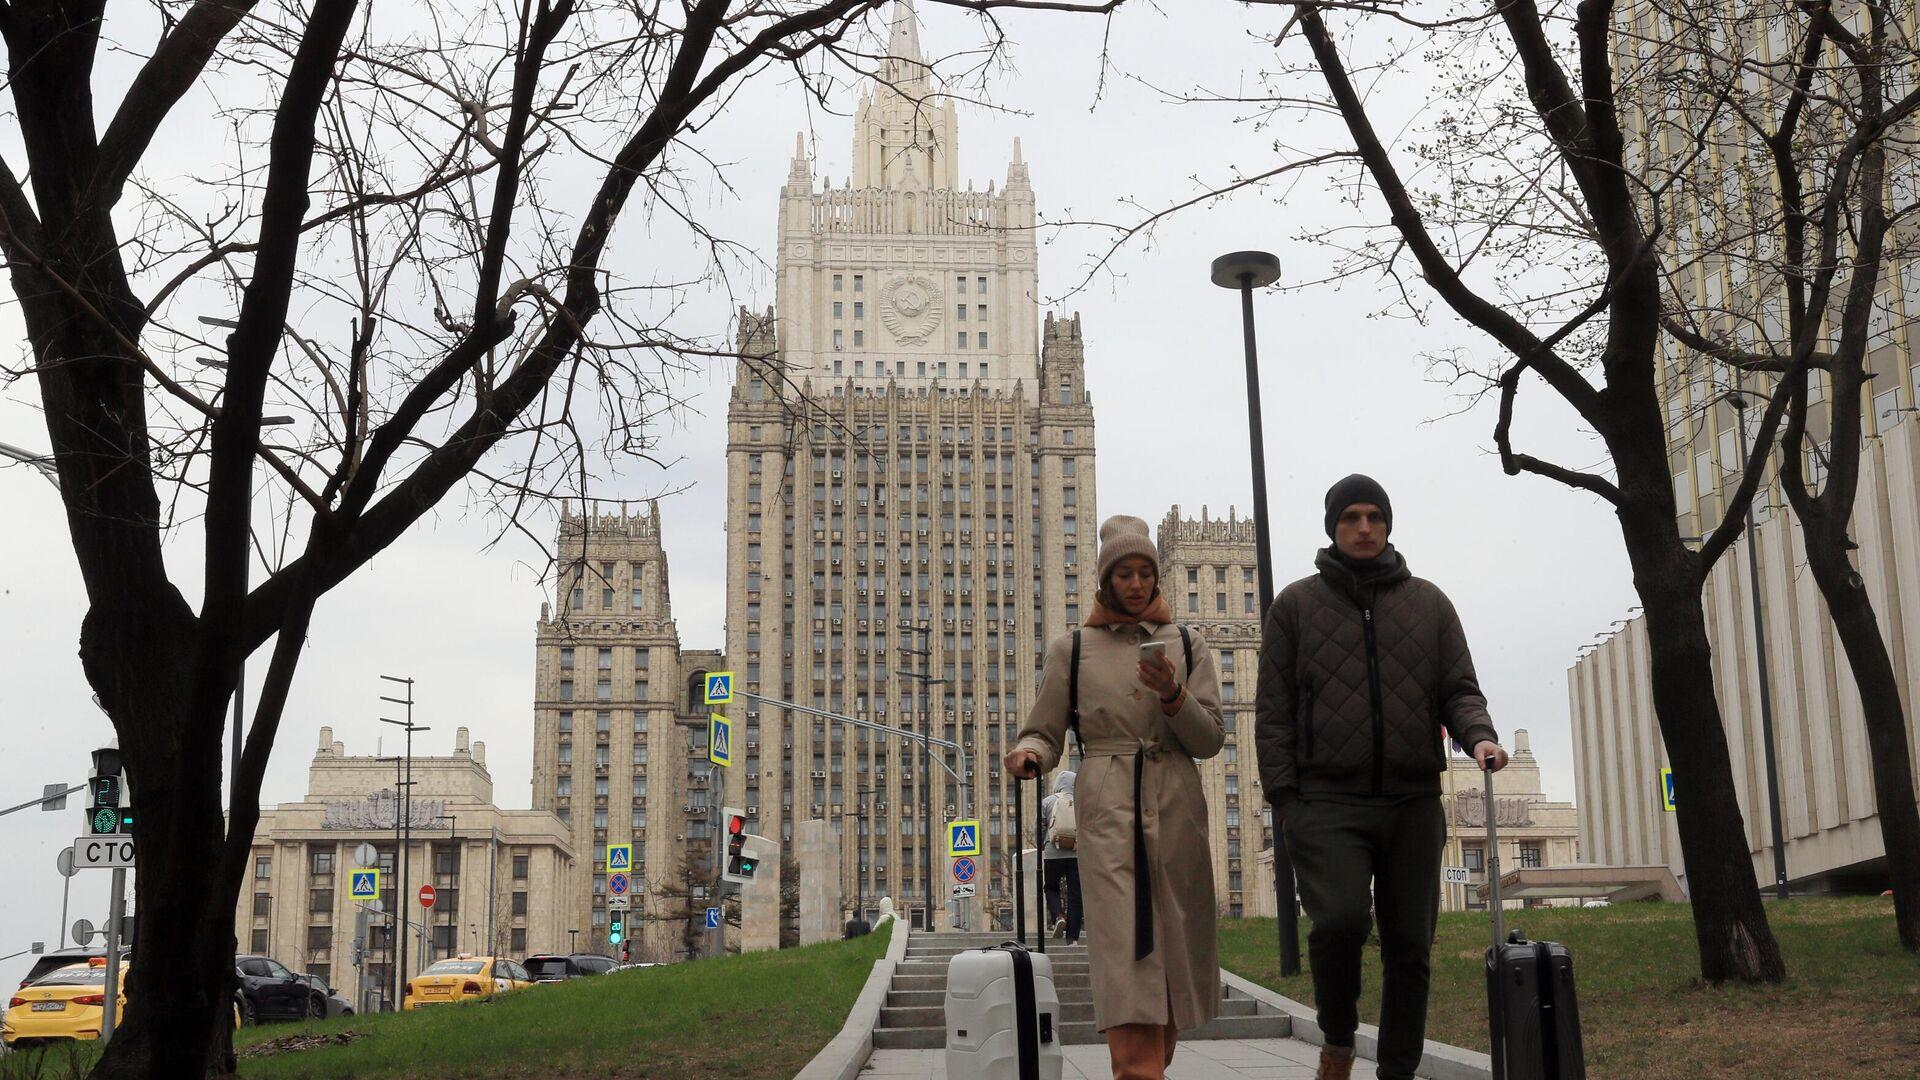 Прохожие у здания МИД России в Москве - РИА Новости, 1920, 29.04.2021